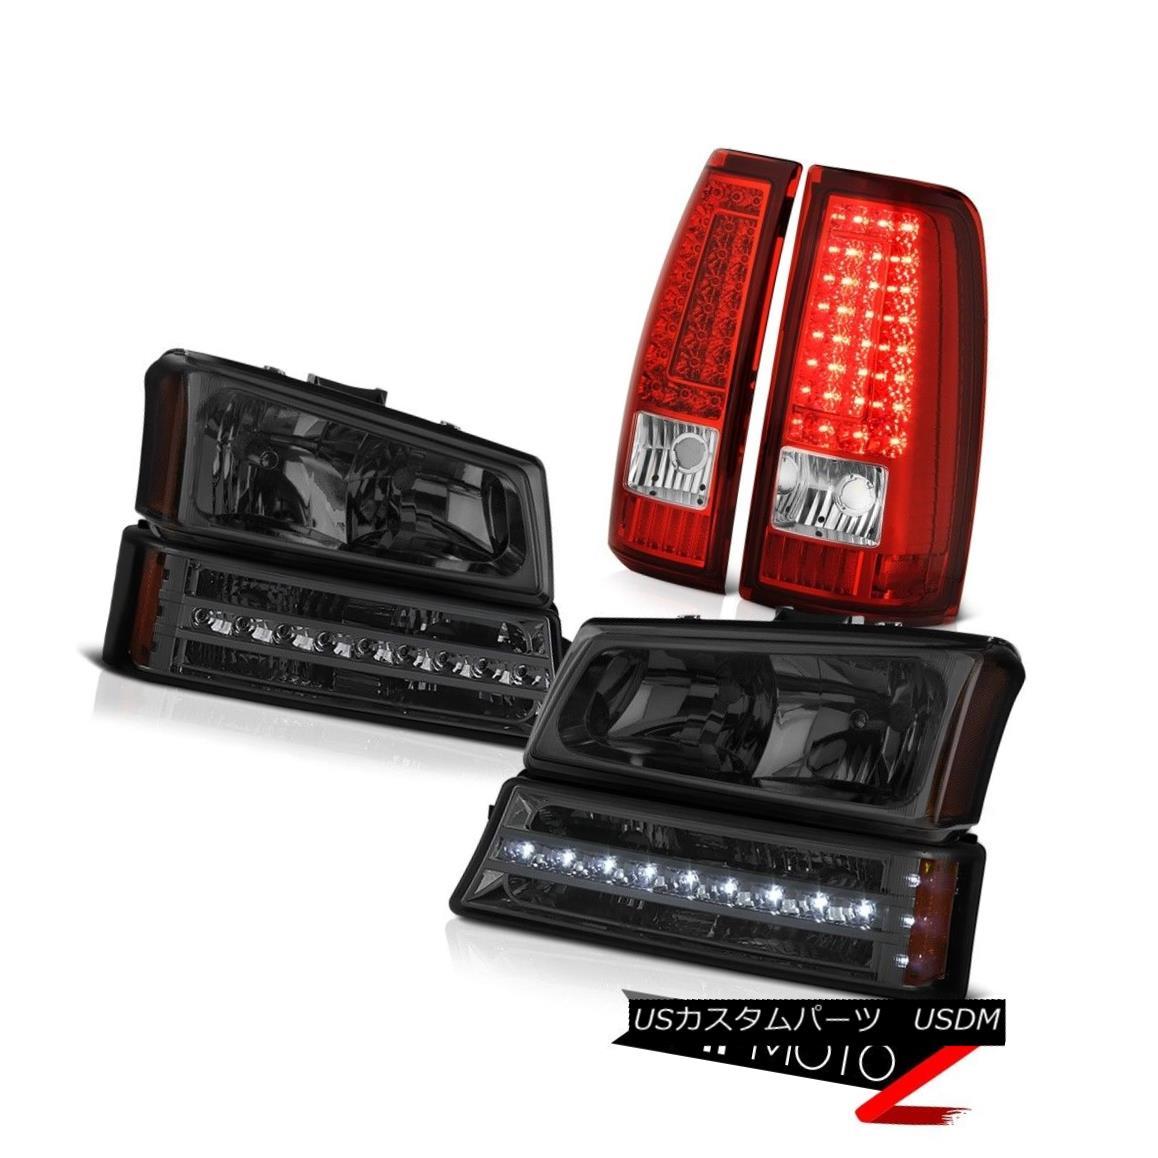 ヘッドライト 2003-2006 Silverado Bloody Red Tail Brake Lamps Smoked Parking Lamp Headlights 2003年 - 2006年シルヴェラド・ブラッディ・レッド・テール・ブレーキ・ランプスモーク・パーキング・ランプヘッドライト画像